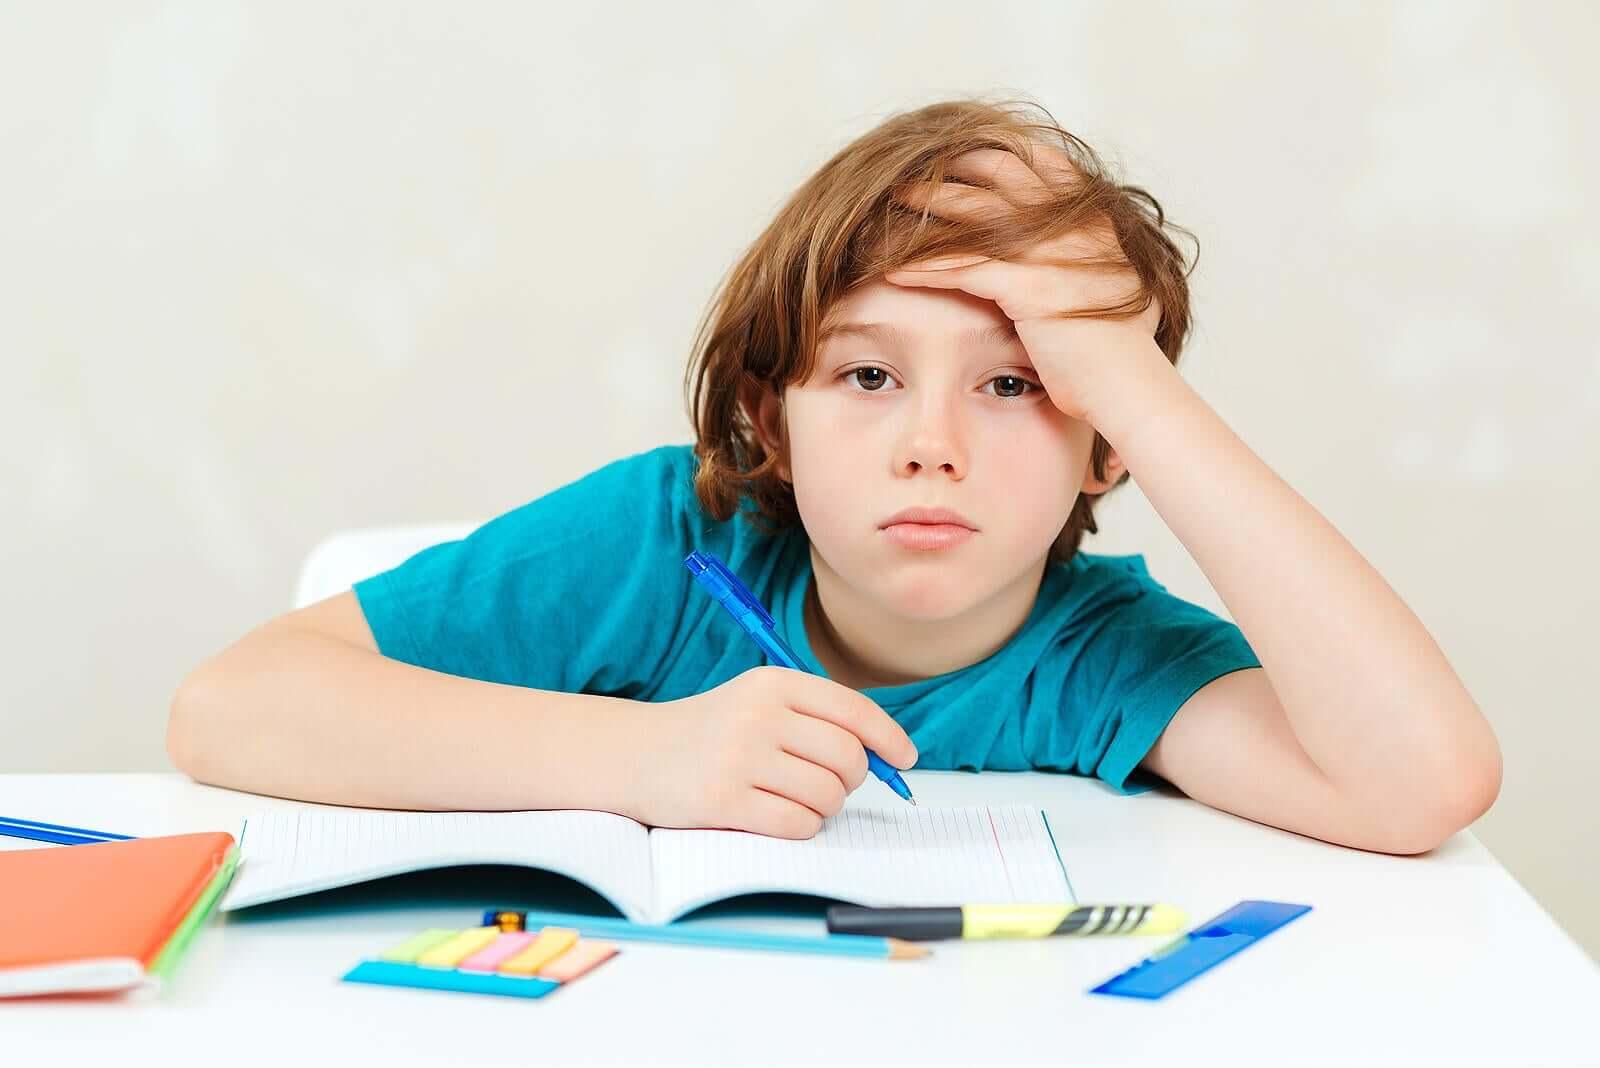 Estratégias que podem ser usadas em casa para crianças com dificuldades de aprendizagem